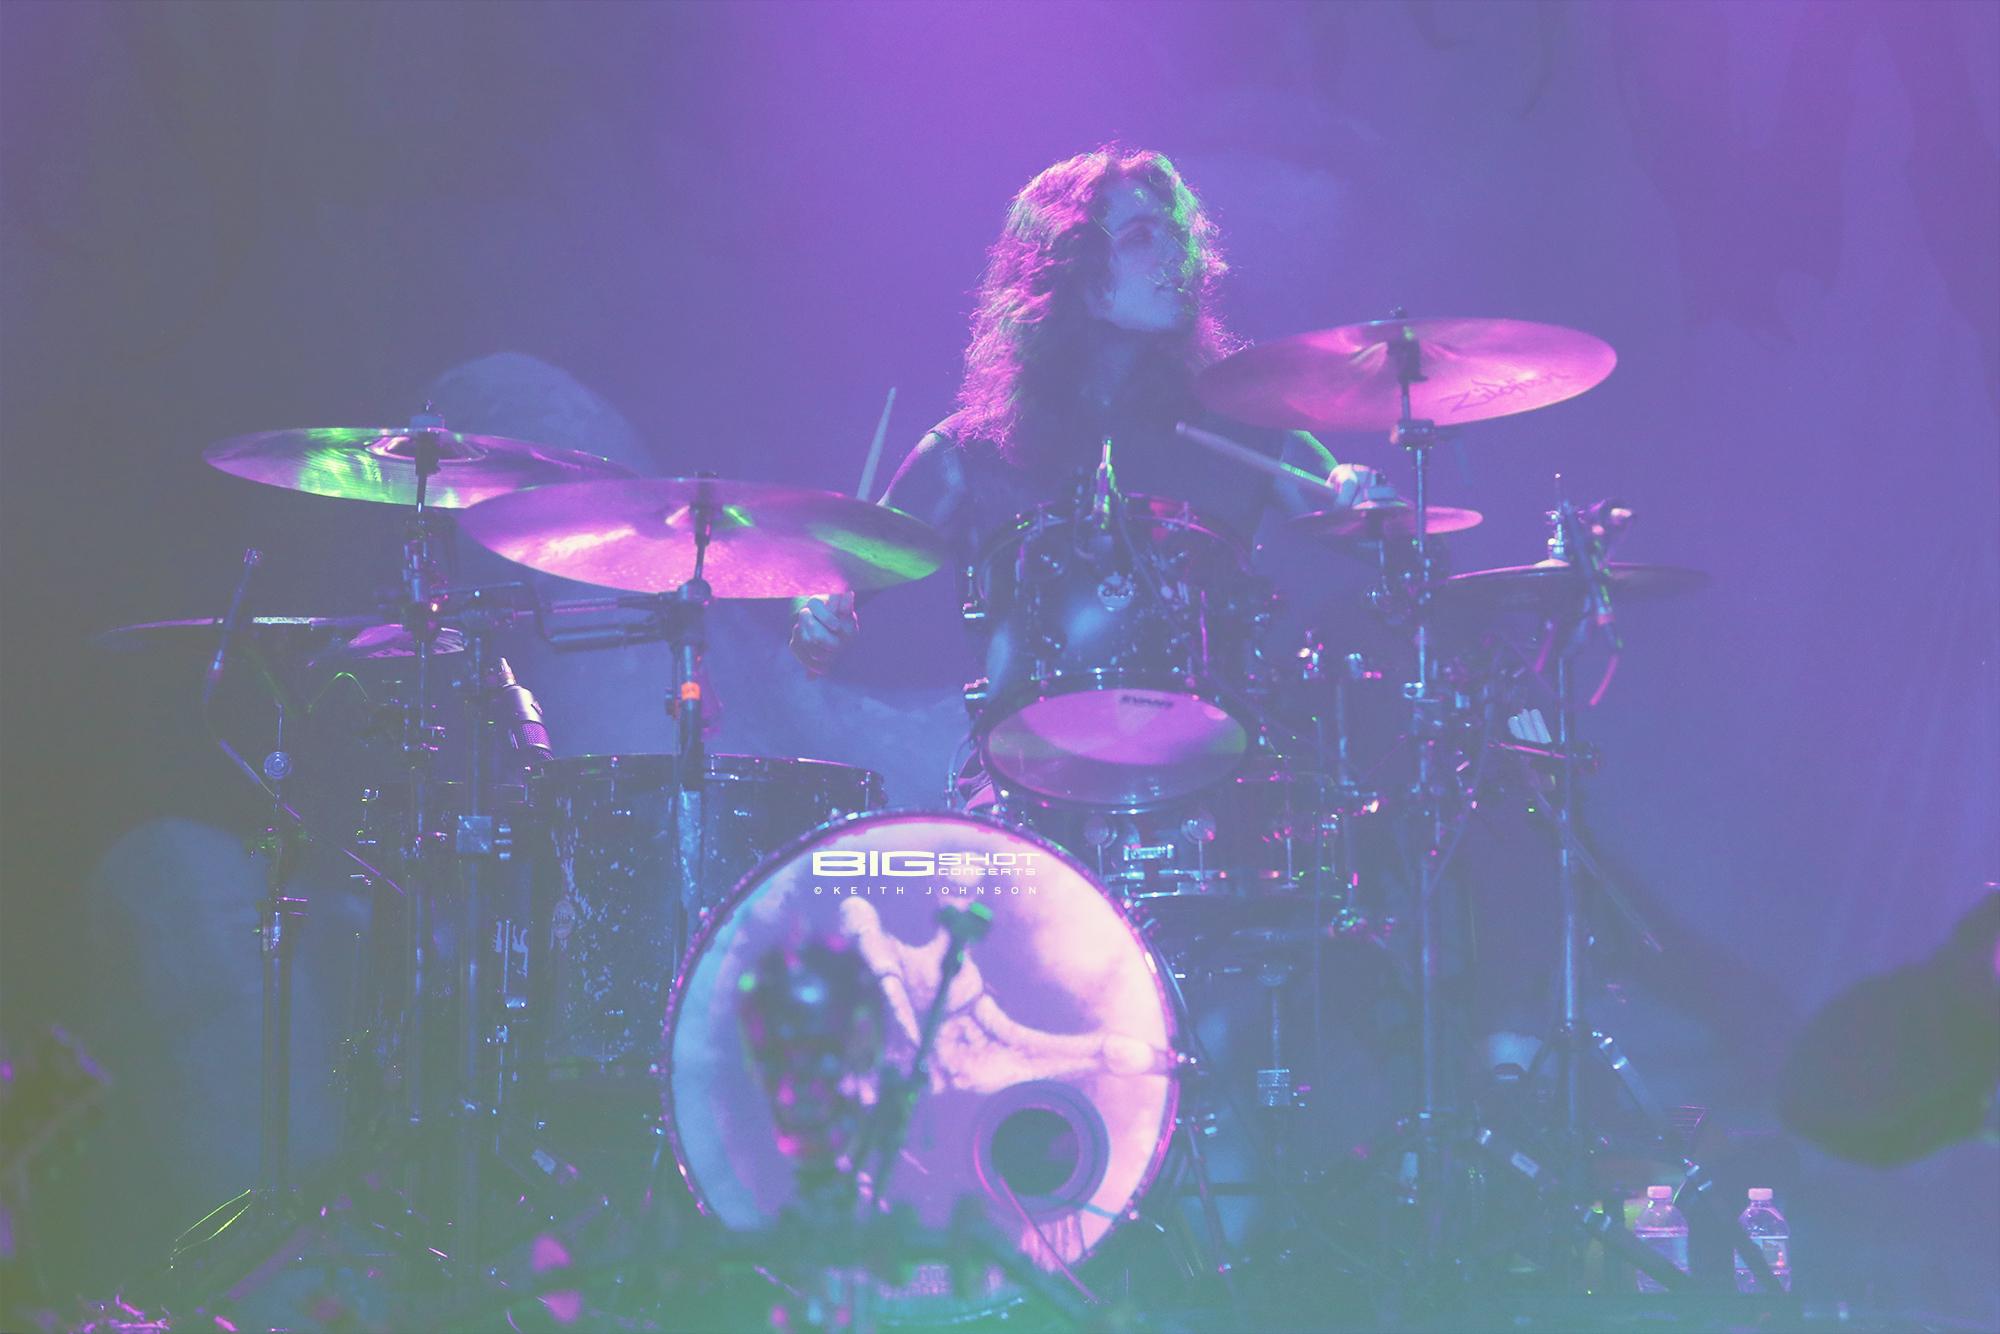 Motionless in White Drummer Vinny Mauro